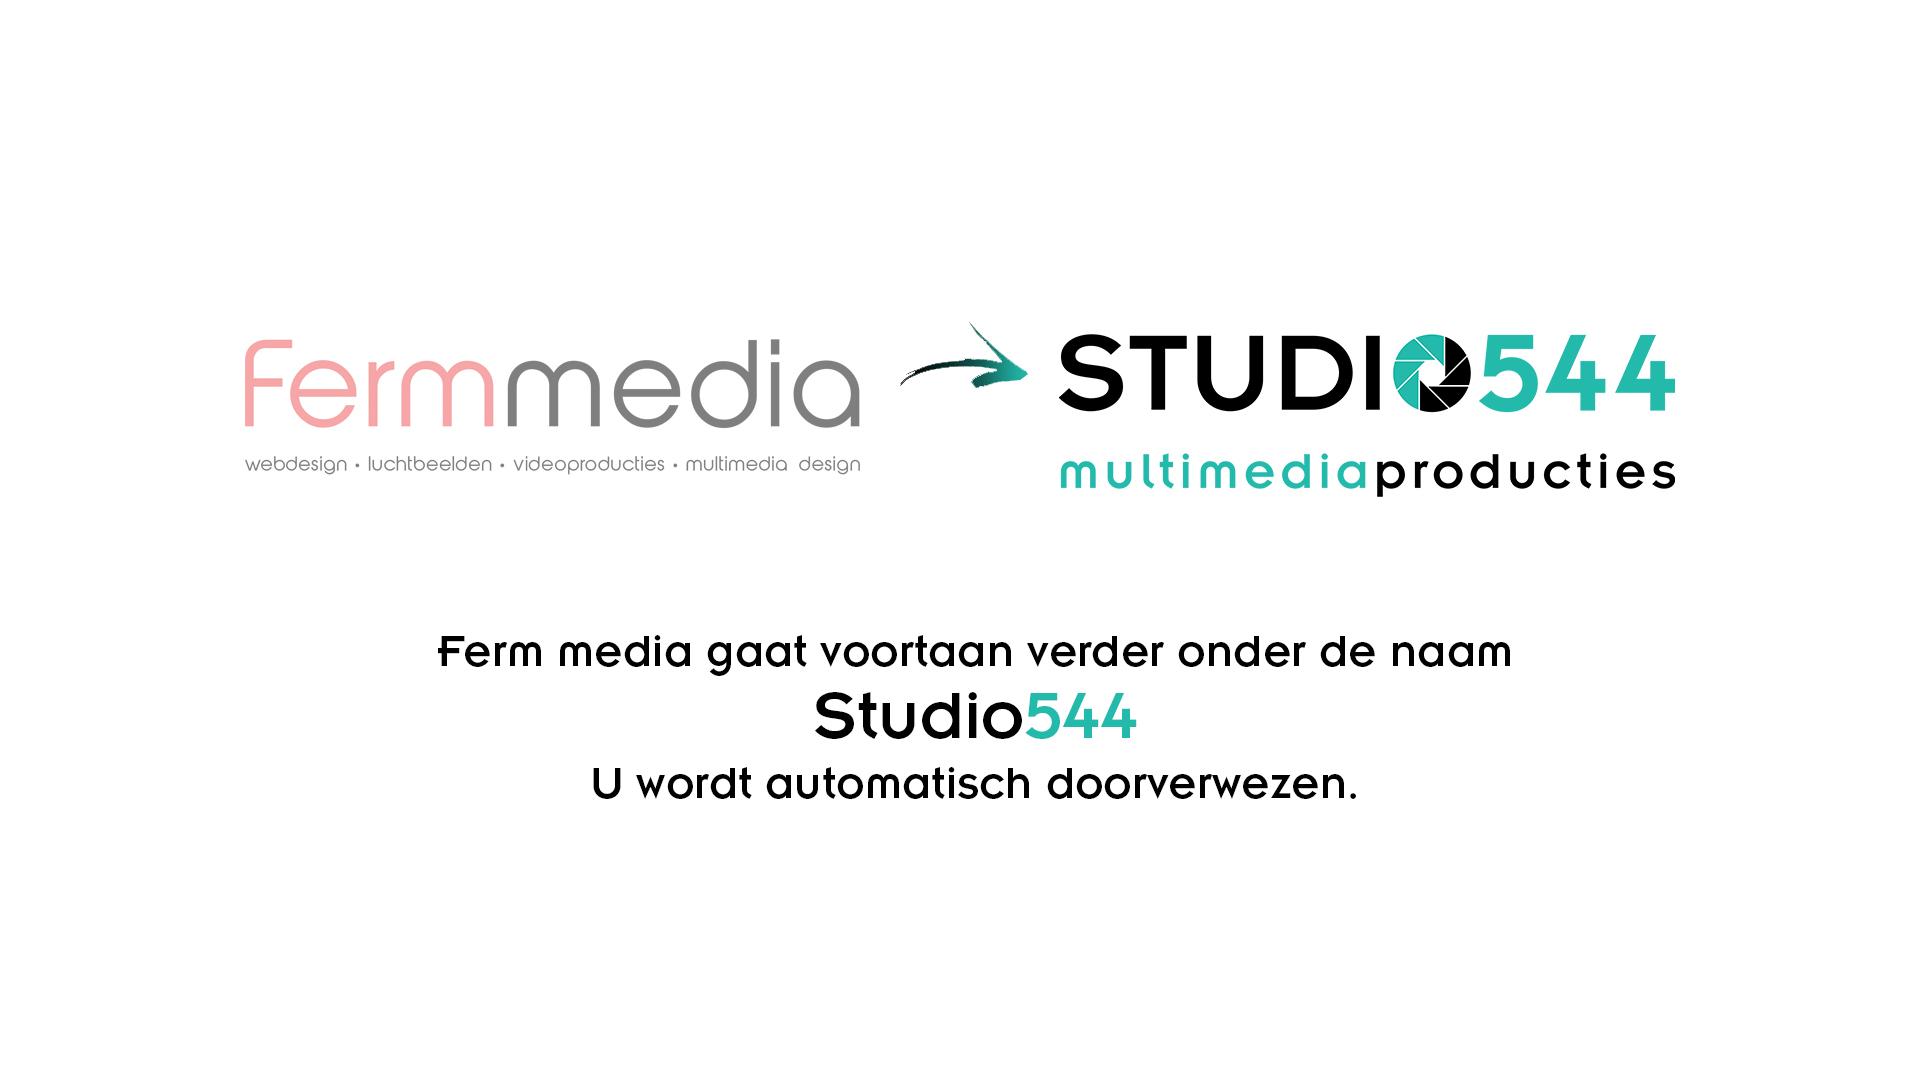 Studio544